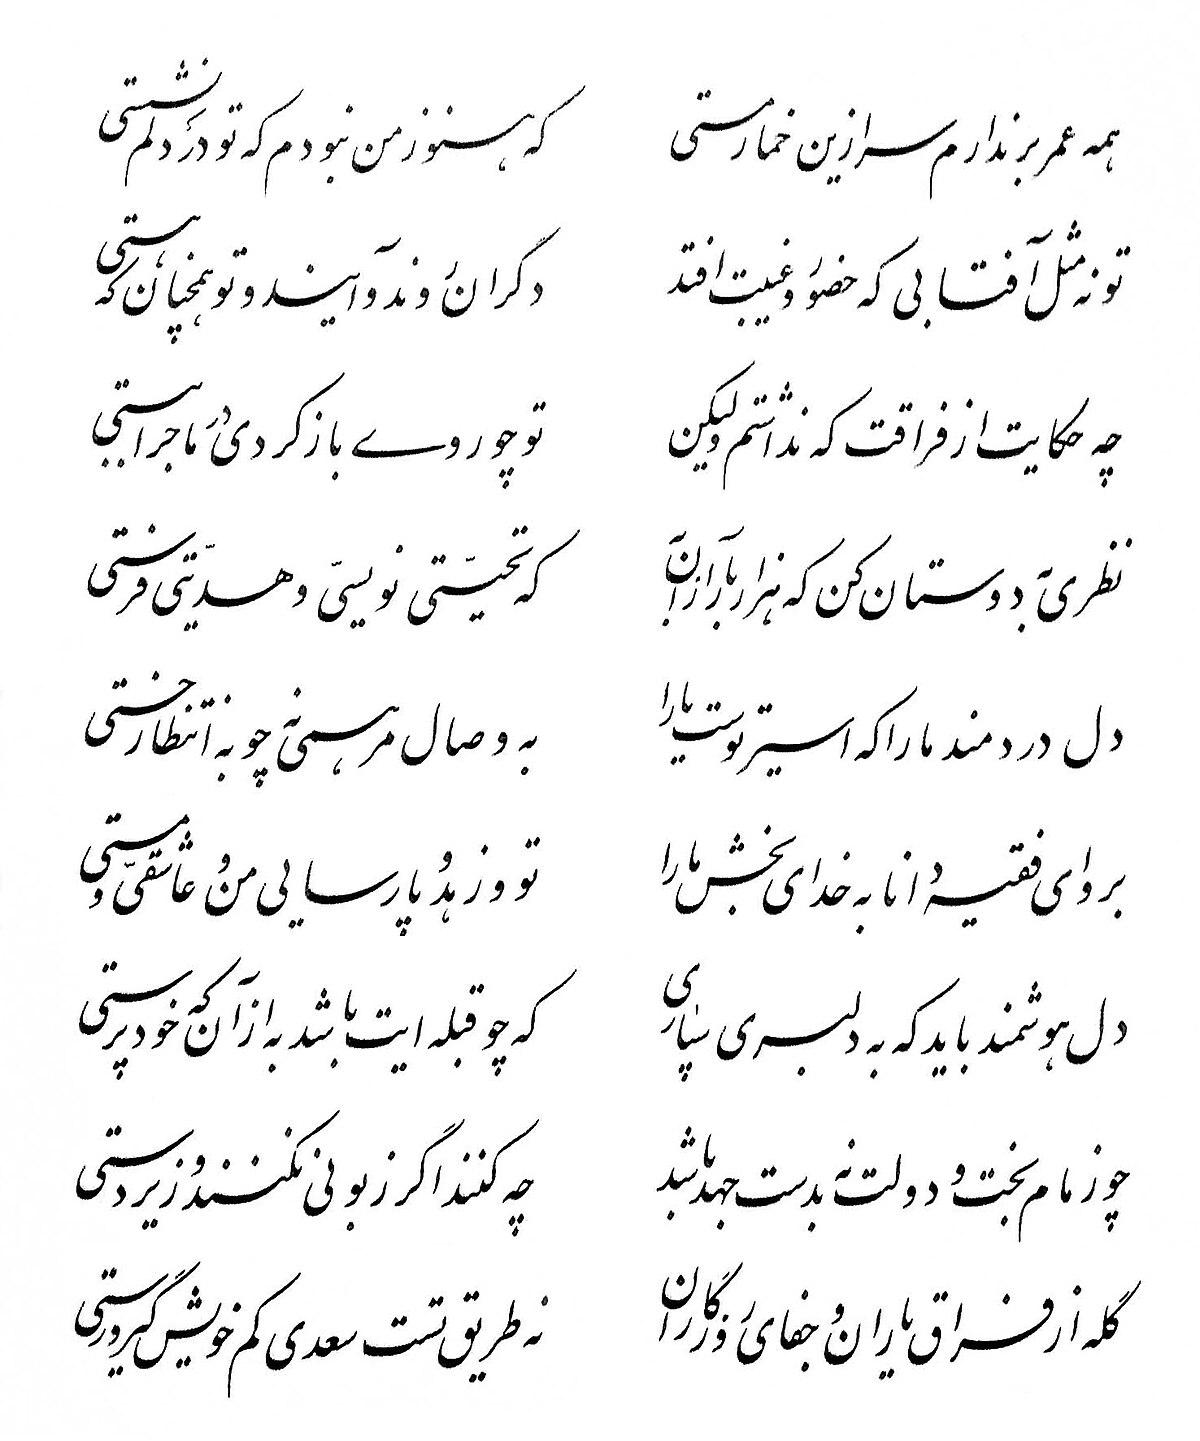 File:Saadi nastaliq falsafi jpg - Wikimedia Commons